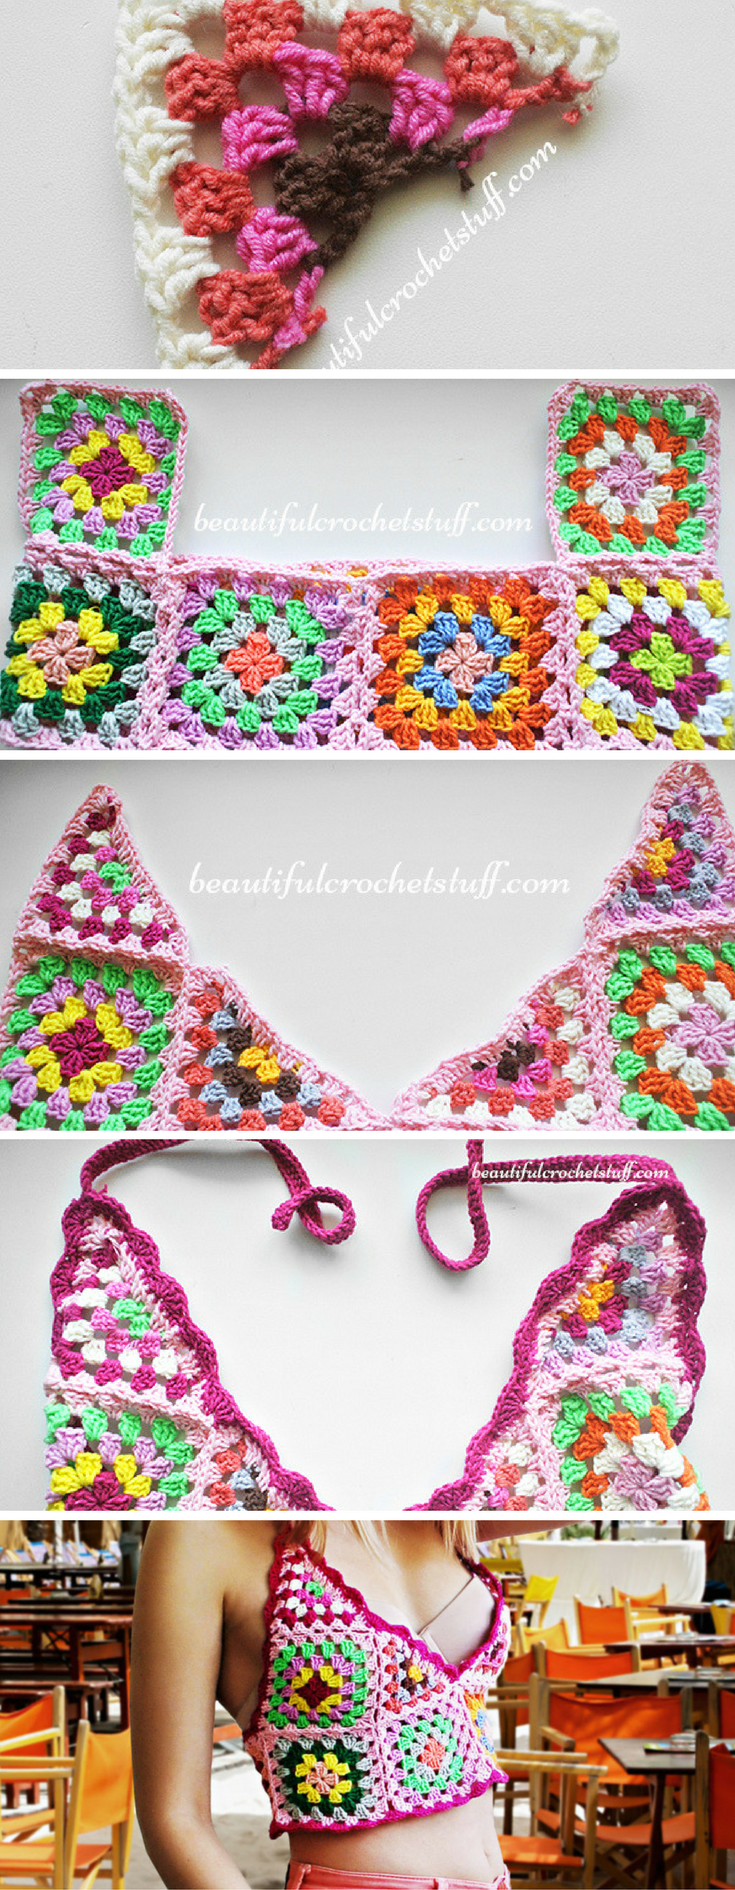 Excelente Patrón De Tapa De La Cosecha Crochet Libre Viñeta - Manta ...